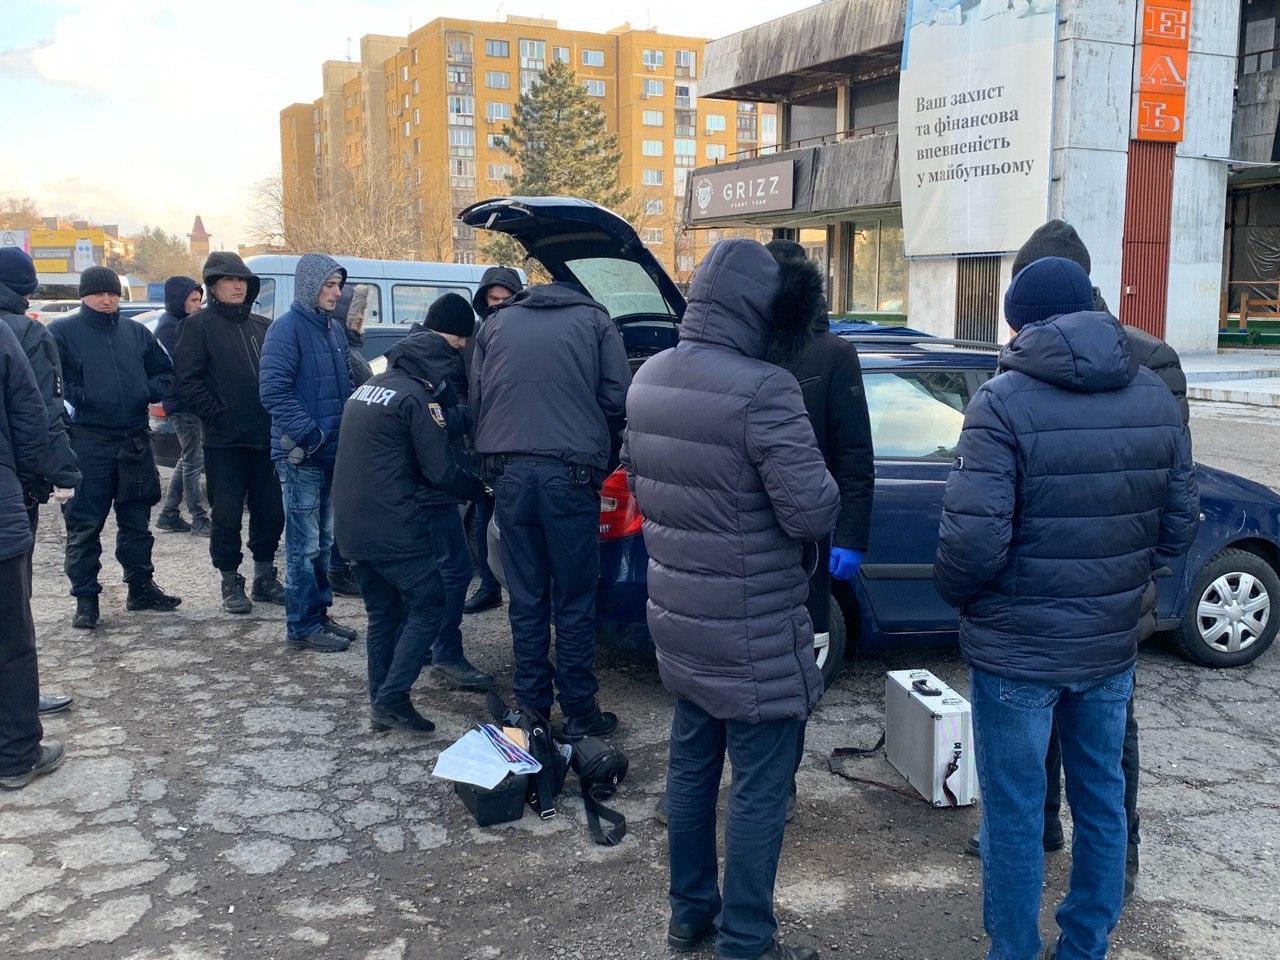 """В Ужгороде возле отеля """"Закарпатье"""" обыски: Куча полицейских, один задержанный"""